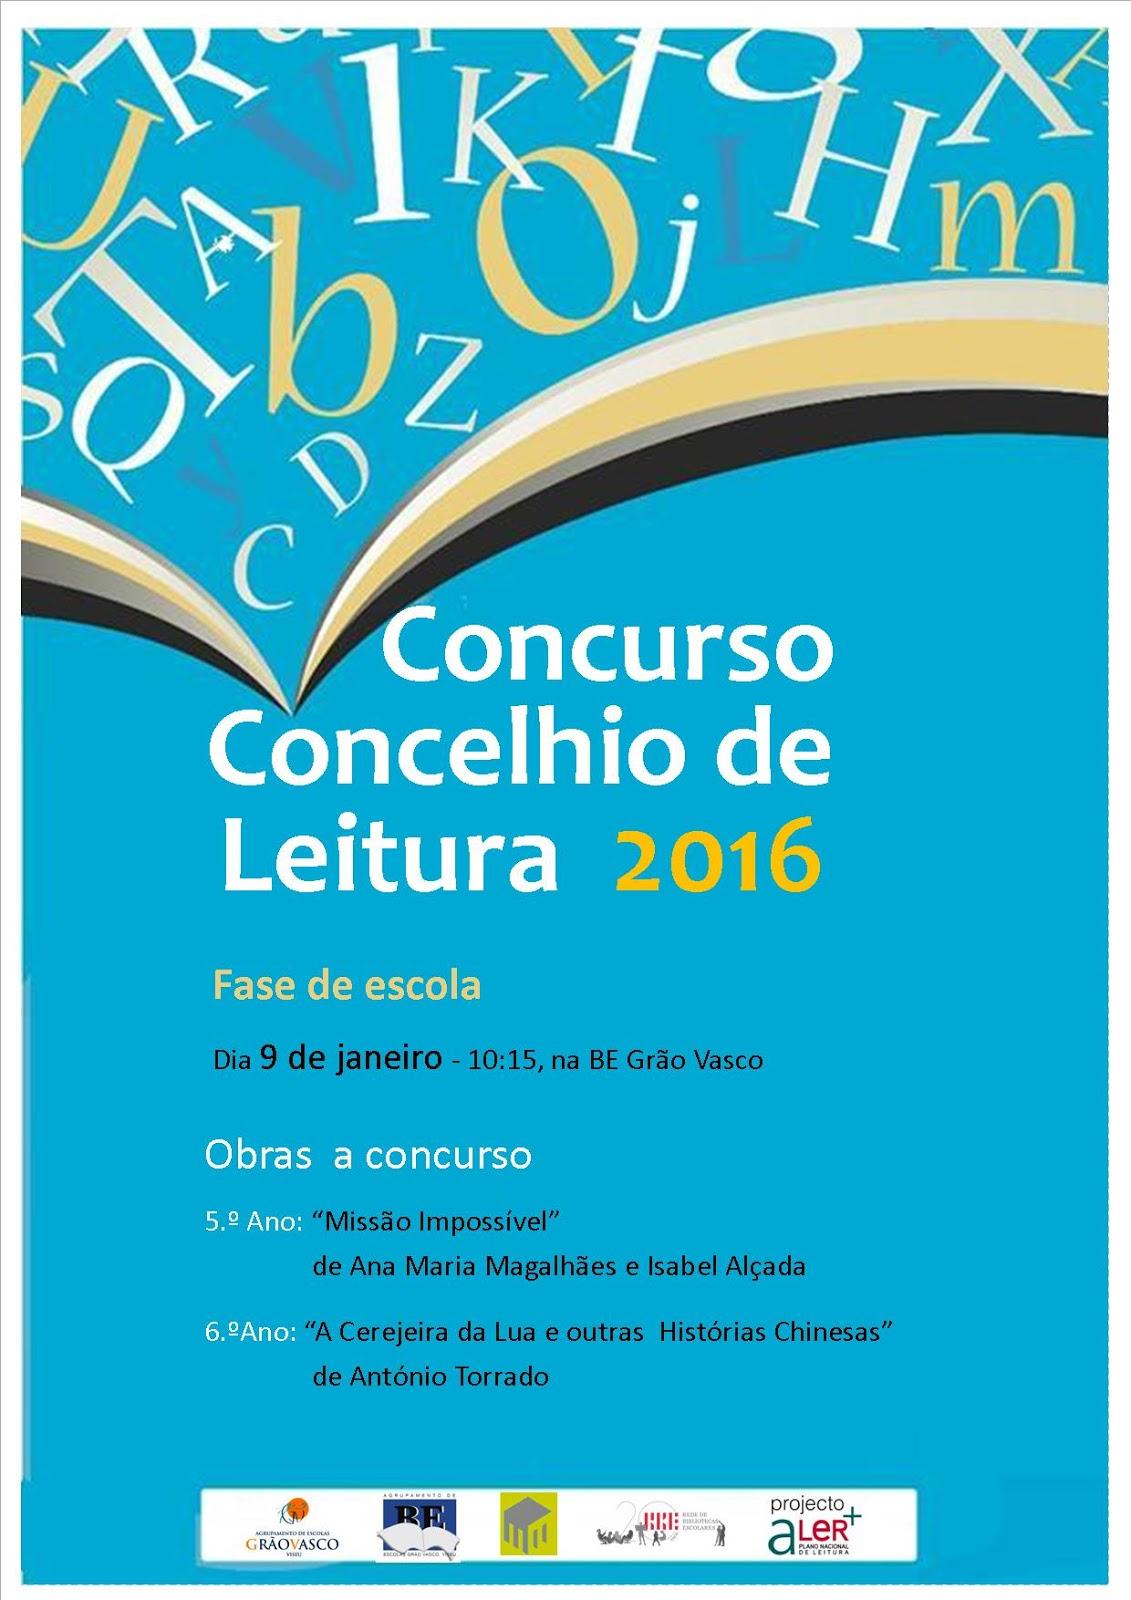 Biblioteca escolar gr o vasco concurso concelhio de for Concurso para profesores 2016